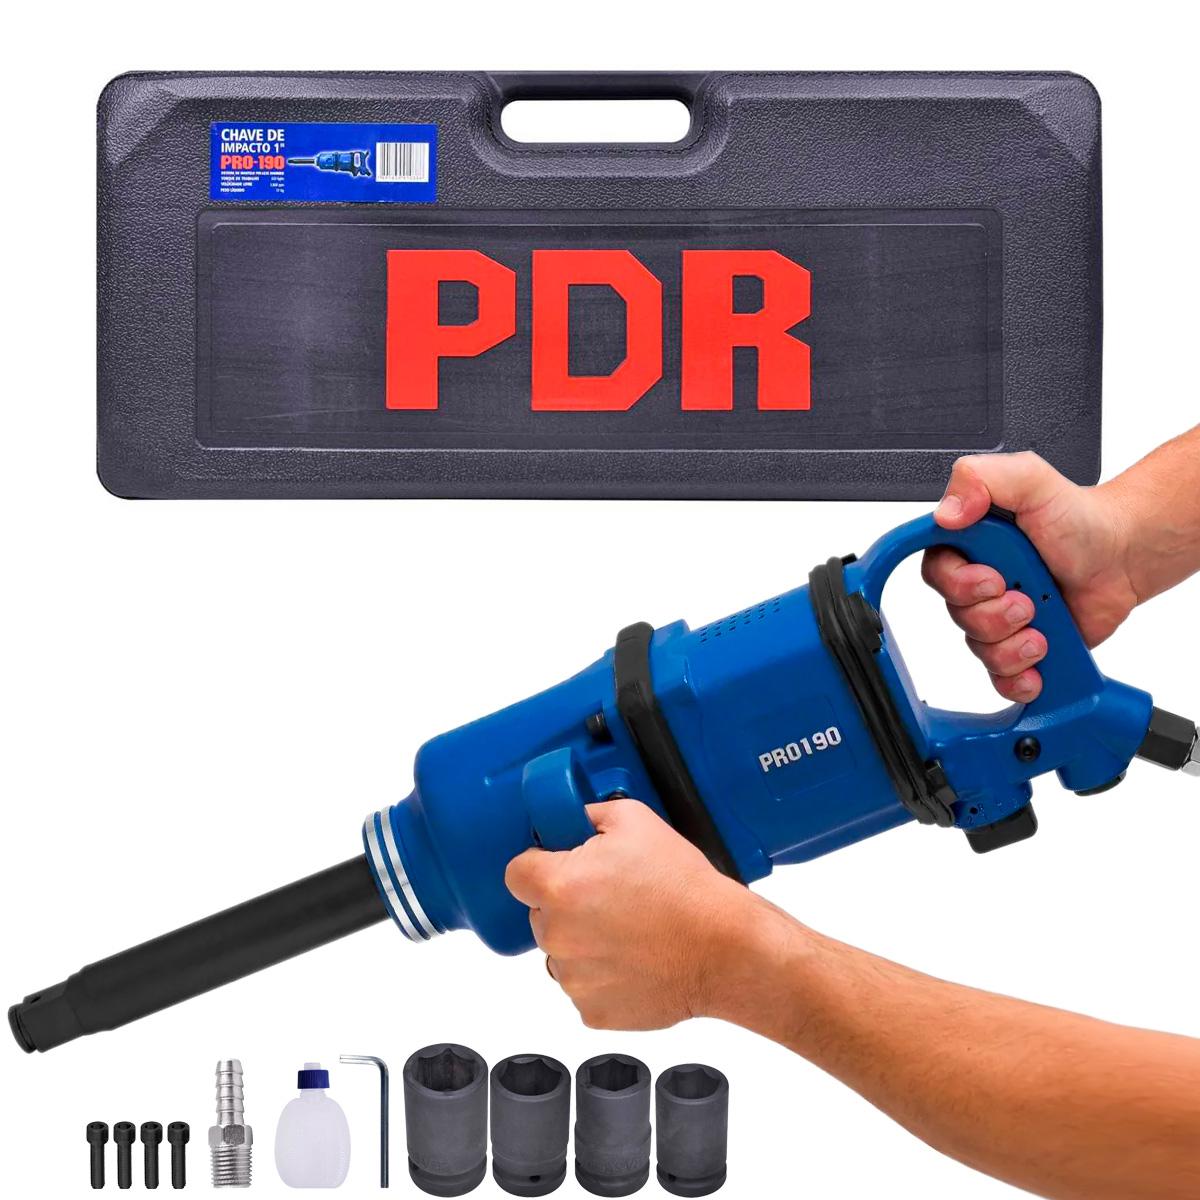 Kit Chave de Impacto Pneumatica PDR PRO-190 com Maleta e Acessorios Longa 1